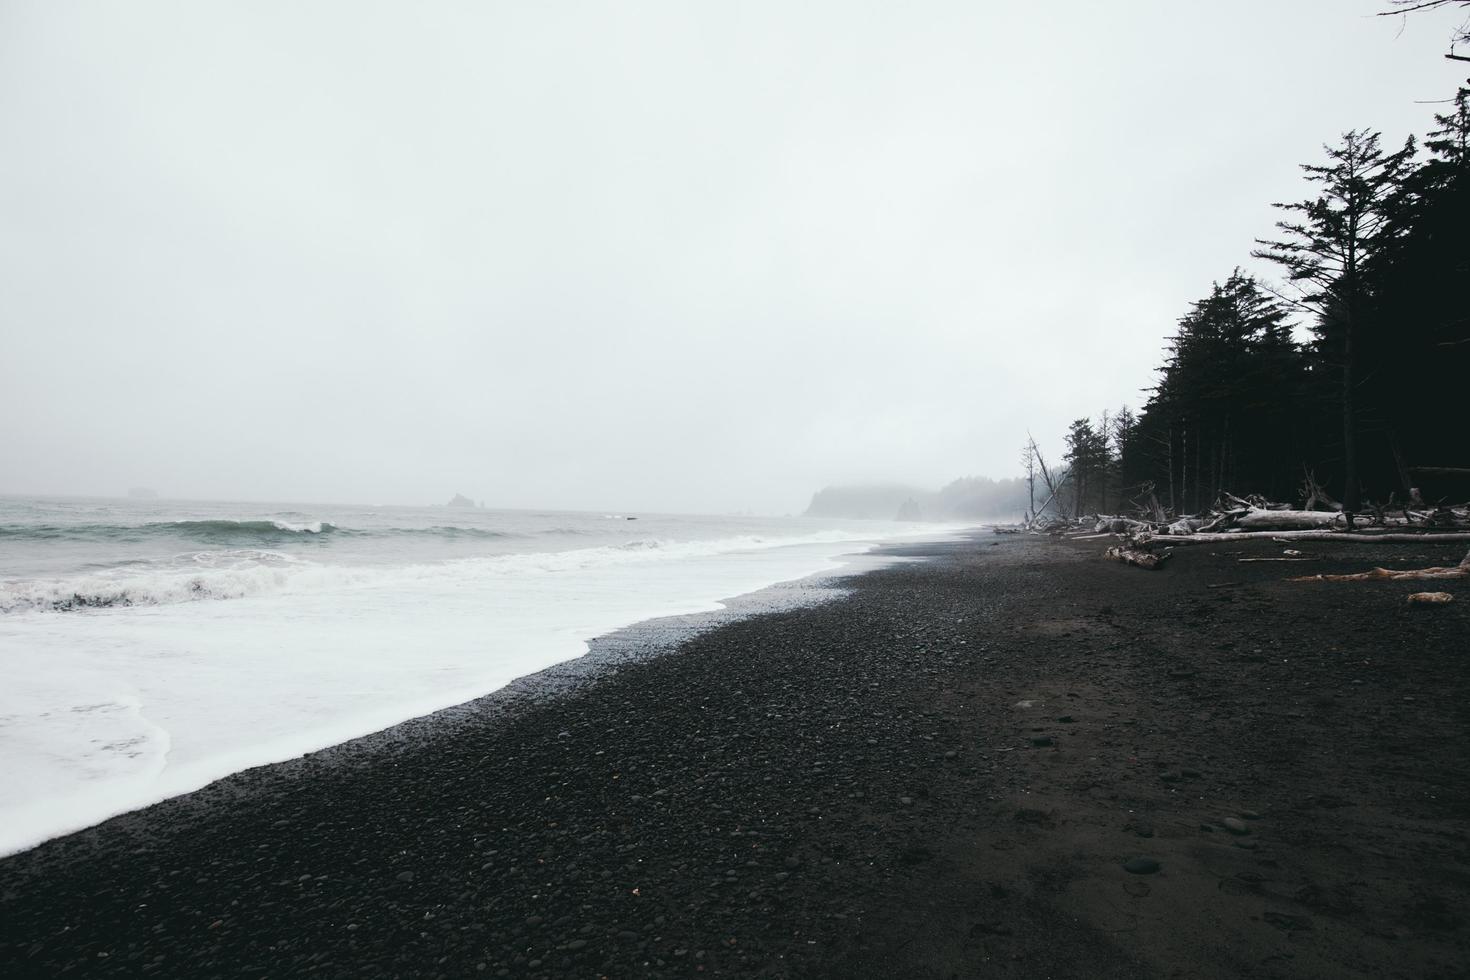 photographie en niveaux de gris du bord de mer photo